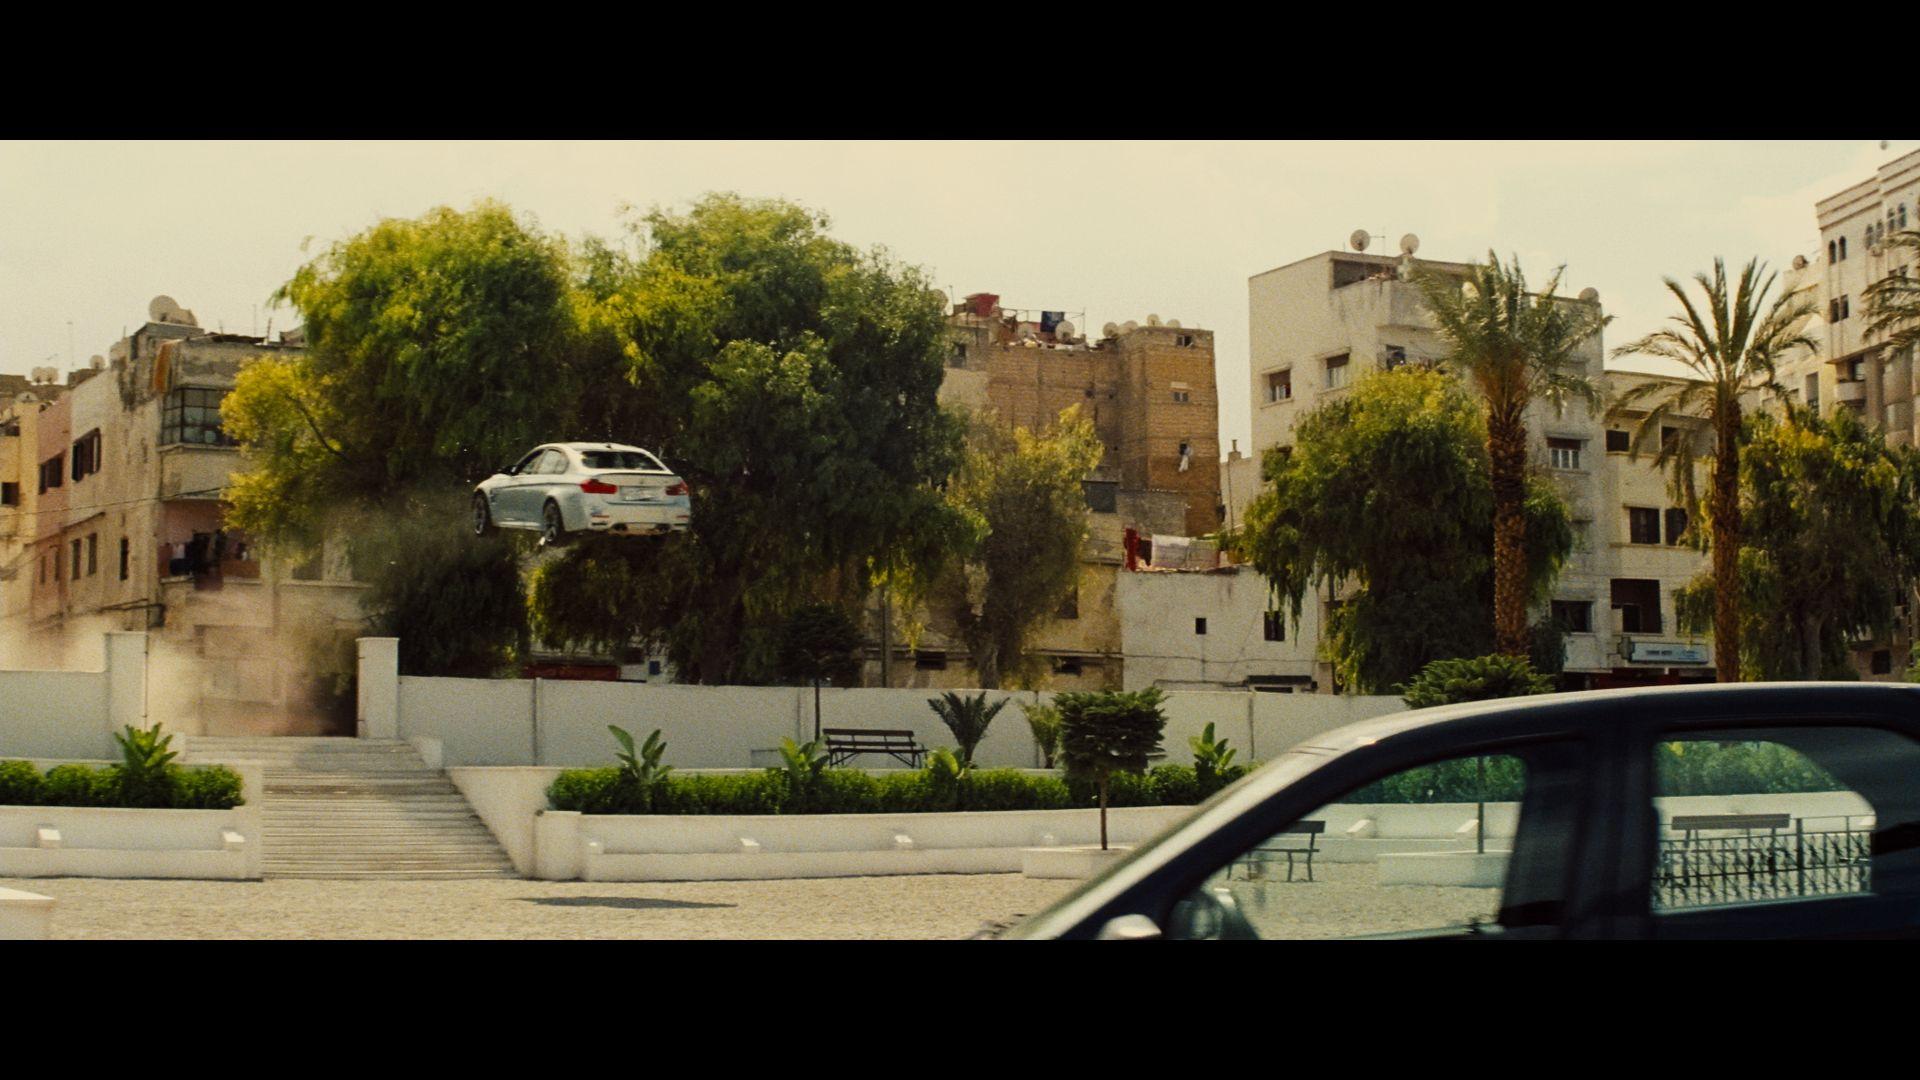 Stuntflug des BMW M3